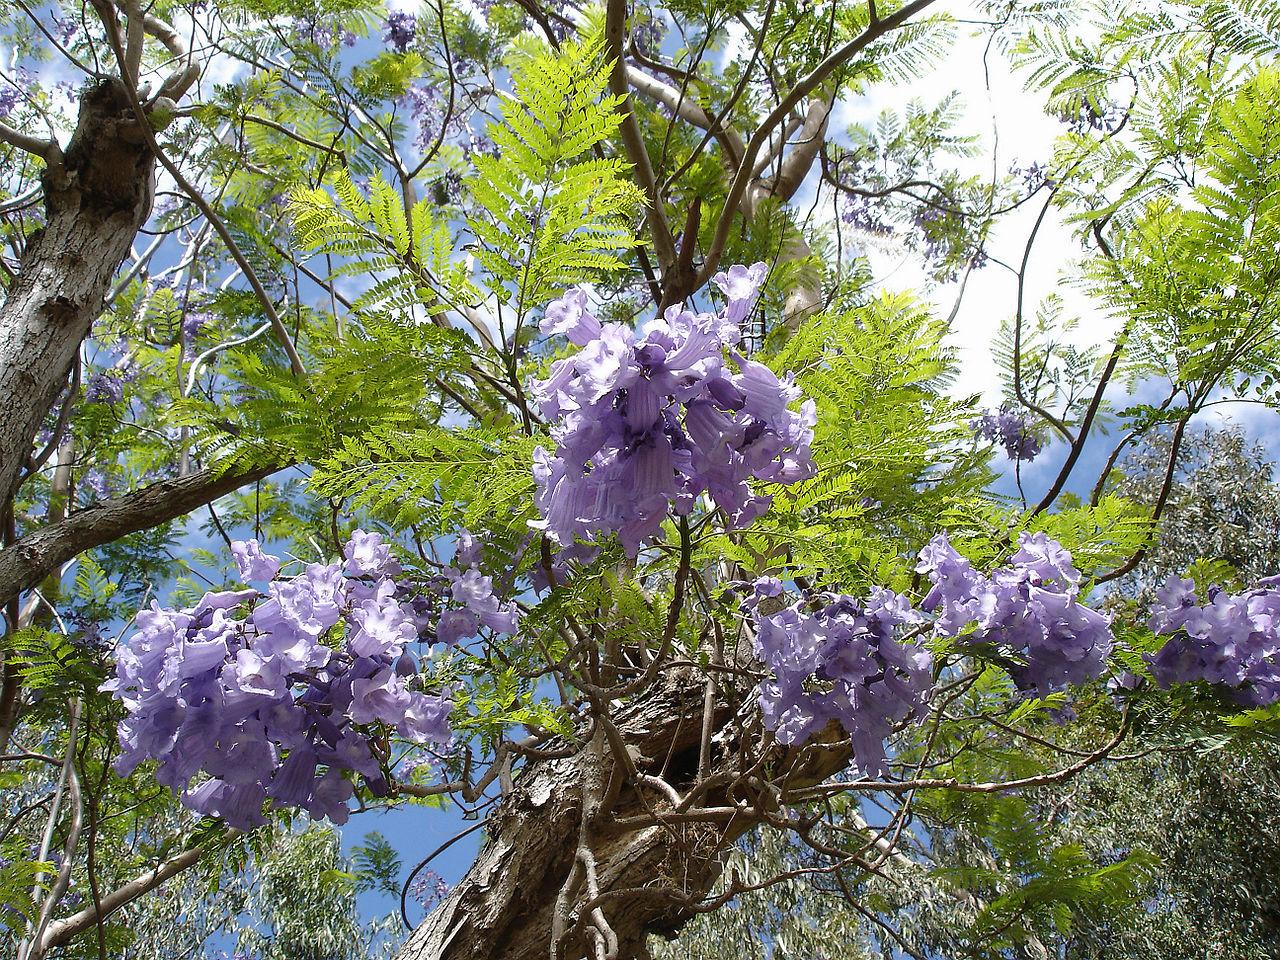 Teakbaum frucht  Kinderweltreise ǀ Guatemala - Pflanzen in Guatemala